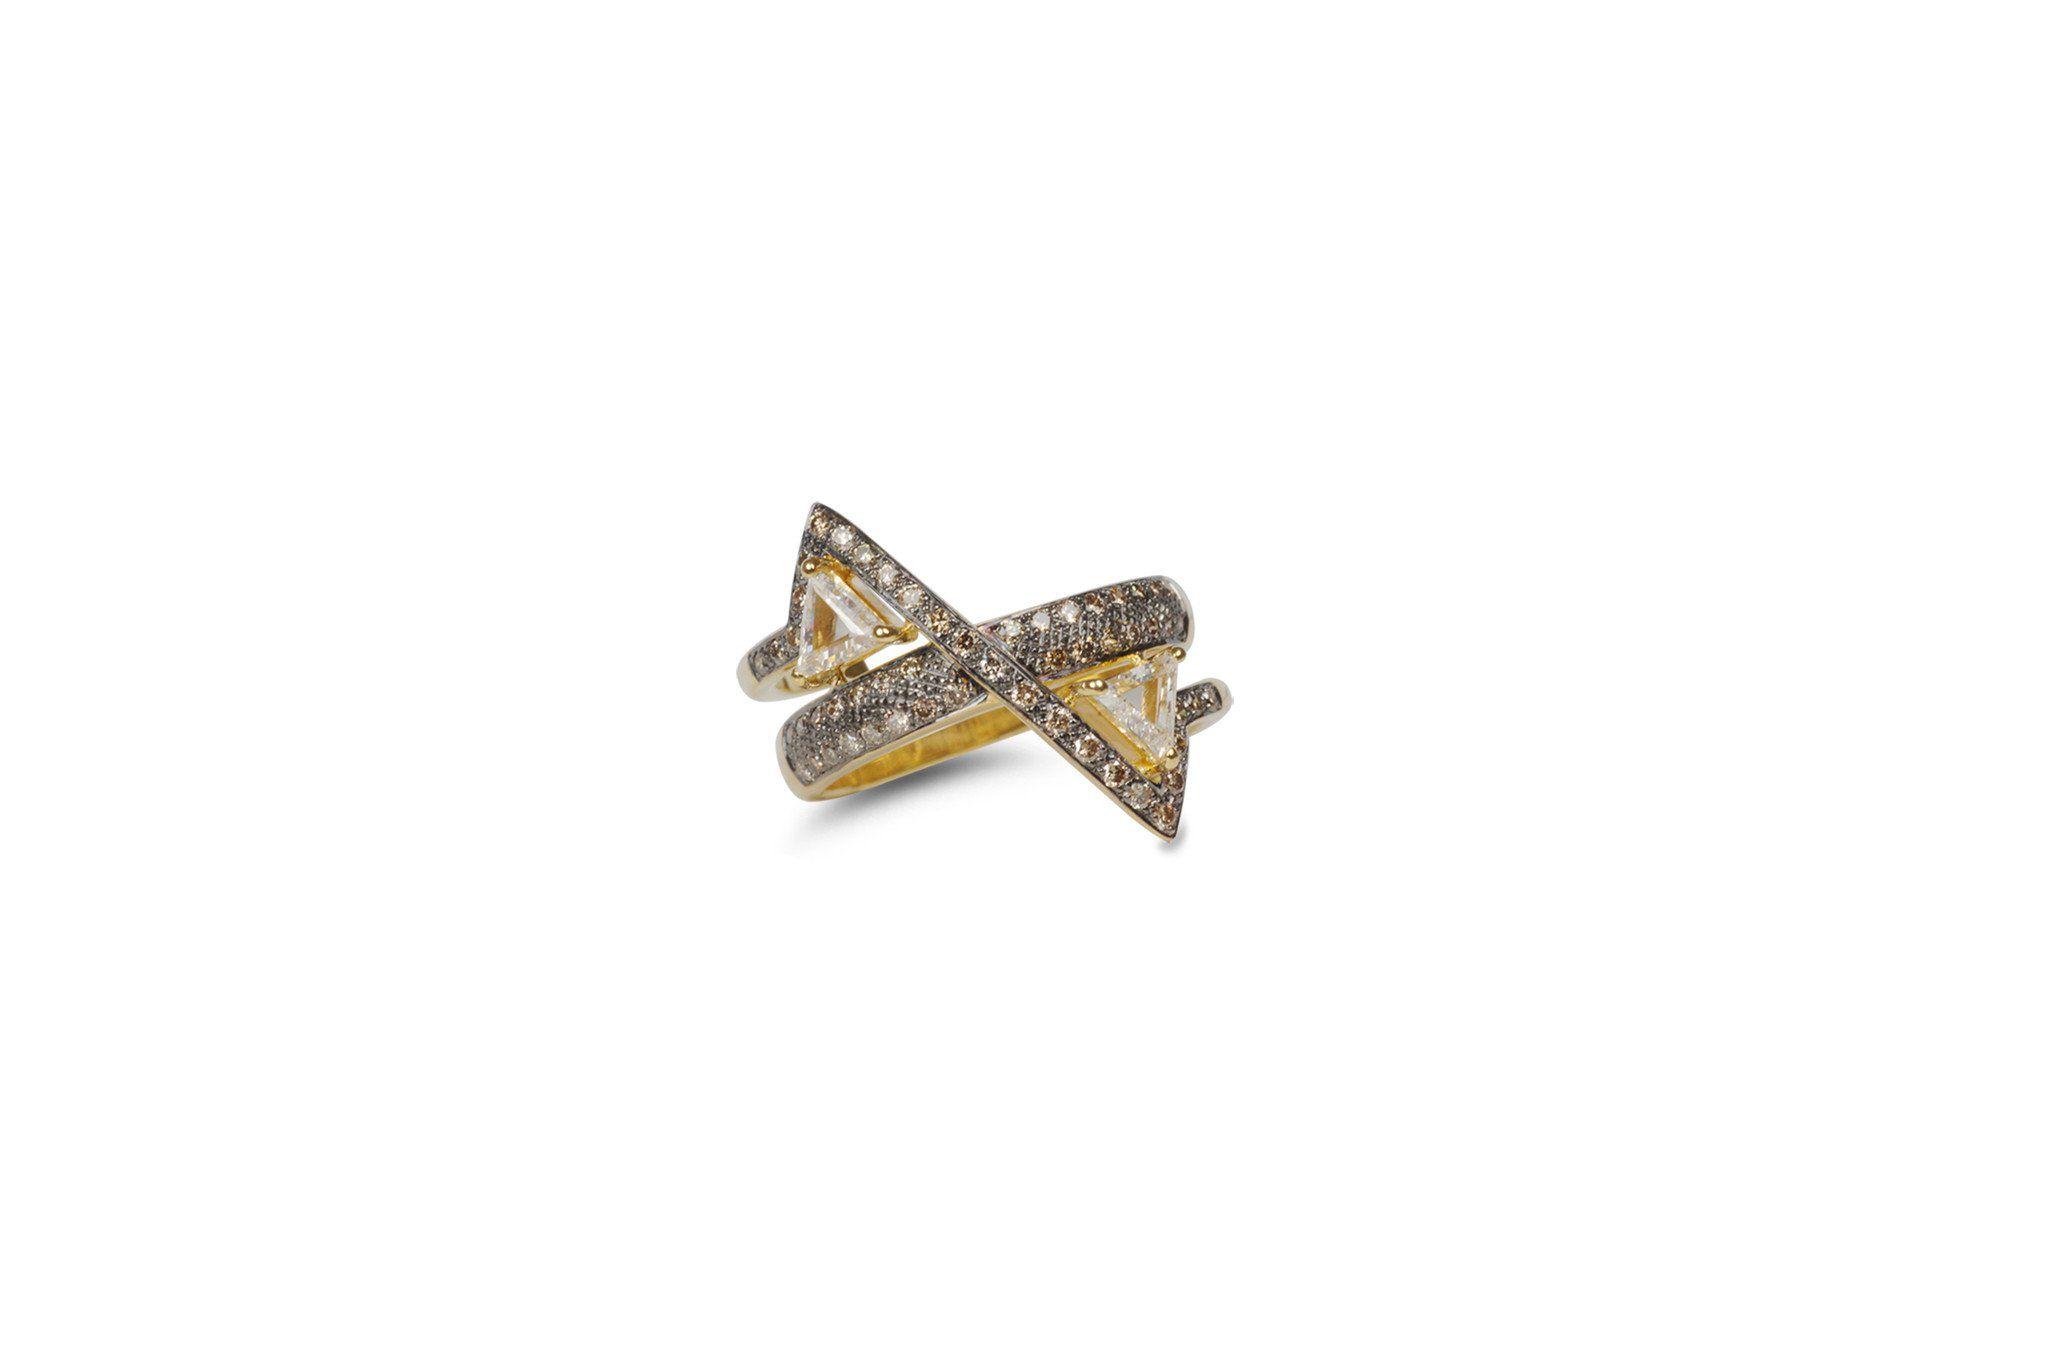 Kavant & Sharart GeoArt TT Trillion-Cut Diamond Ring